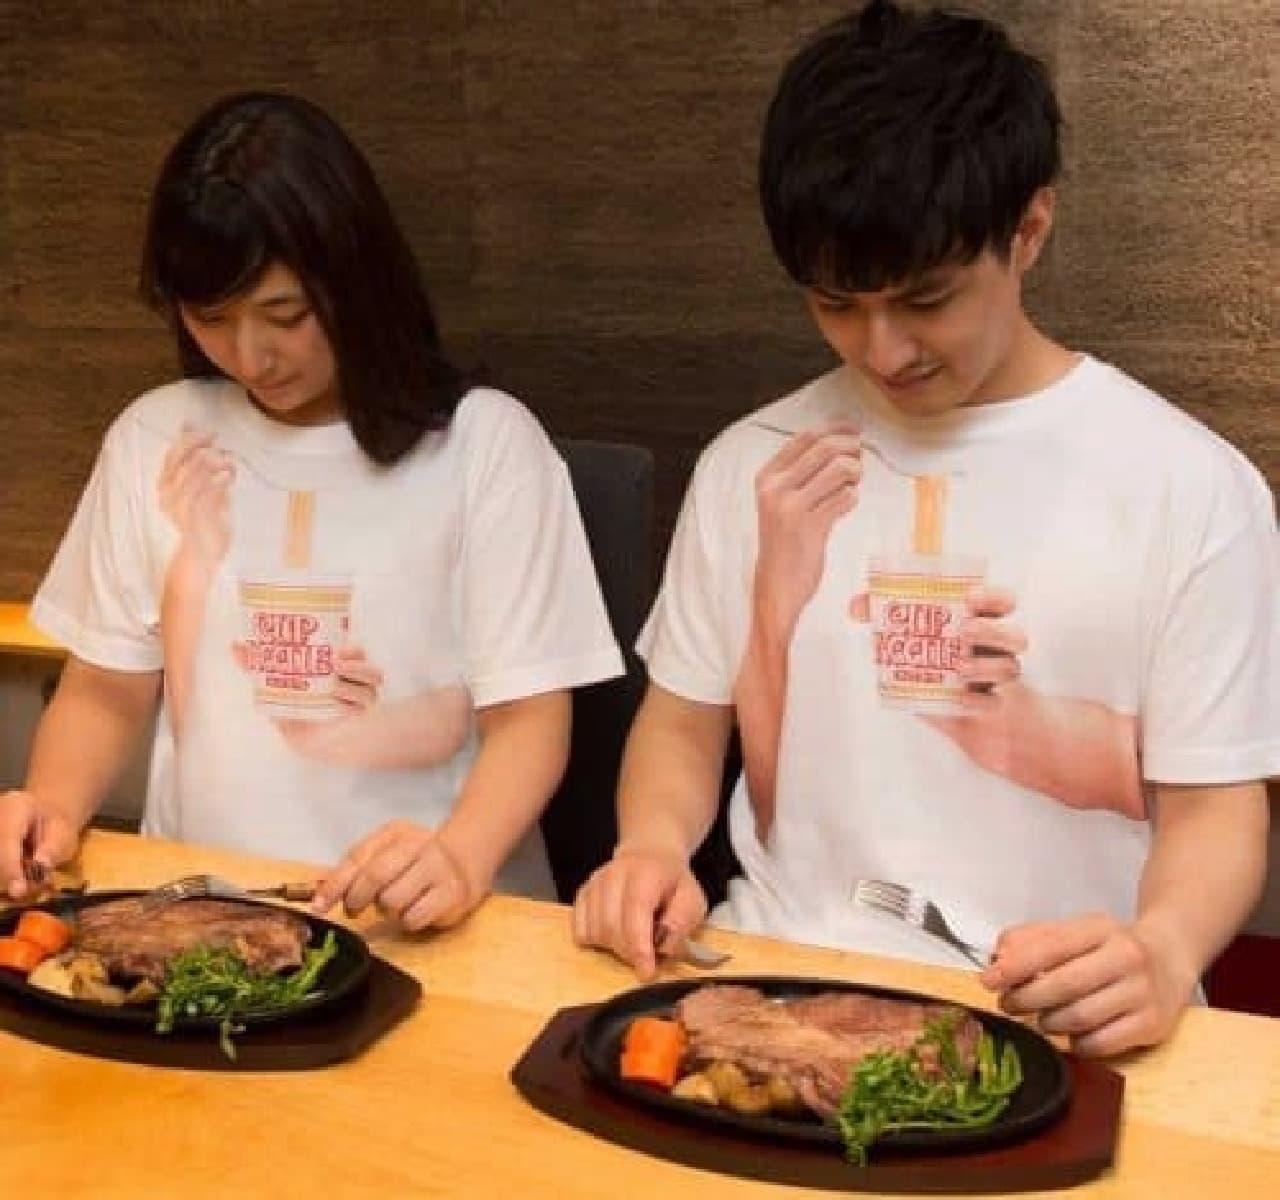 日清食品公式「カップヌードル食ってる風Tシャツ」